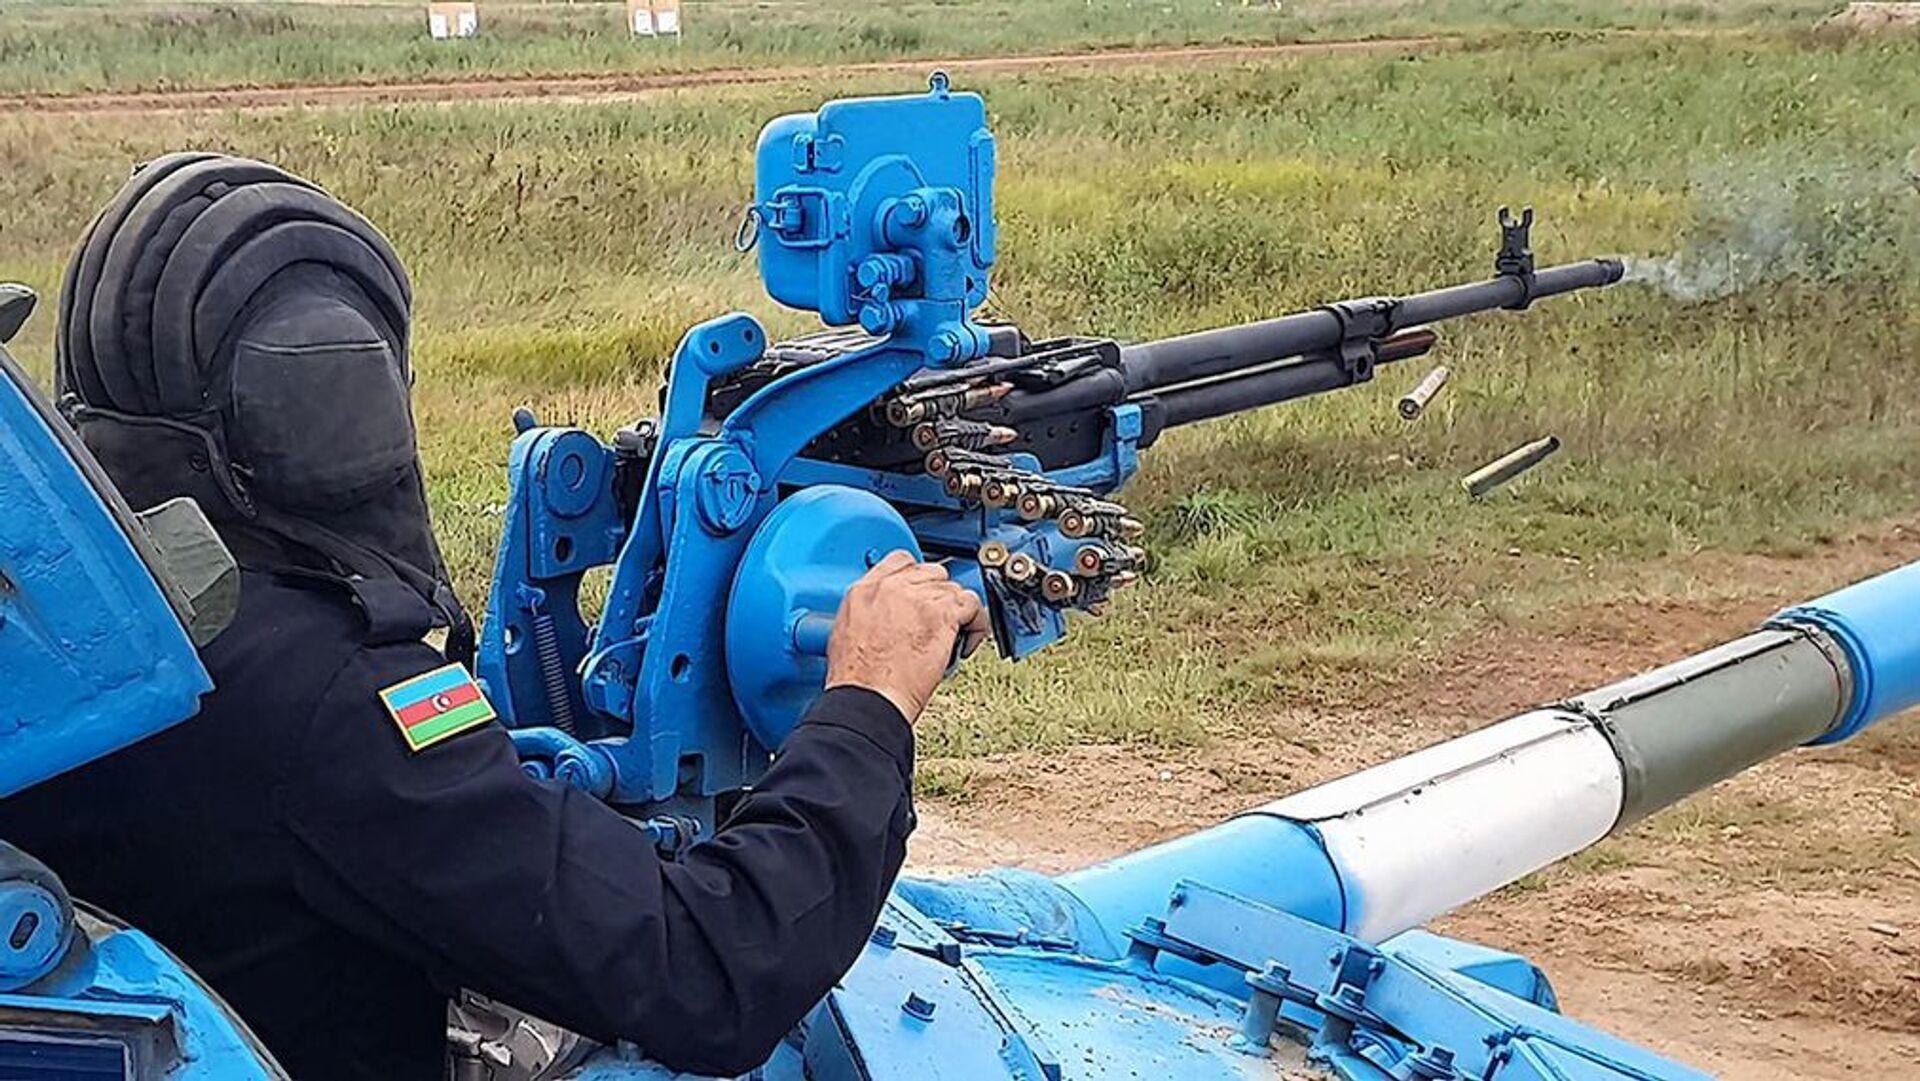 Азербайджанские танкисты продолжают подготовку к конкурсу Танковый биатлон - Sputnik Азербайджан, 1920, 01.10.2021